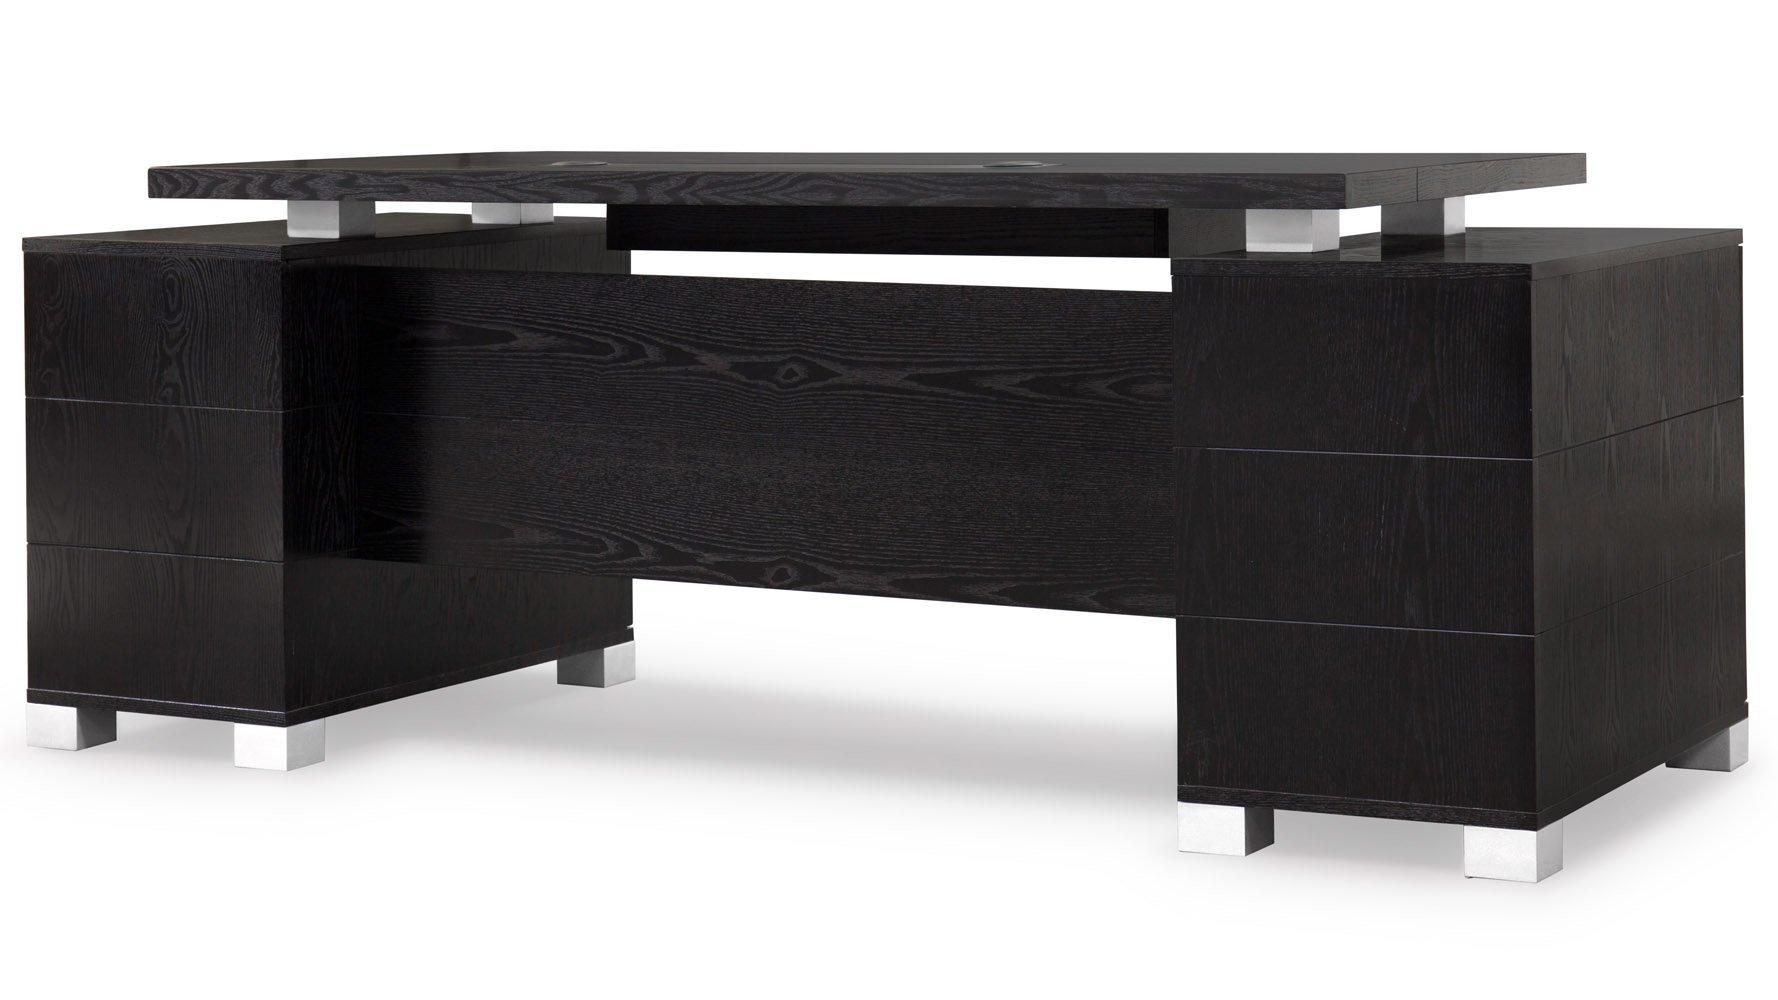 ford executive modern desk with filing cabinets black oak finish zuri furniture. Black Bedroom Furniture Sets. Home Design Ideas